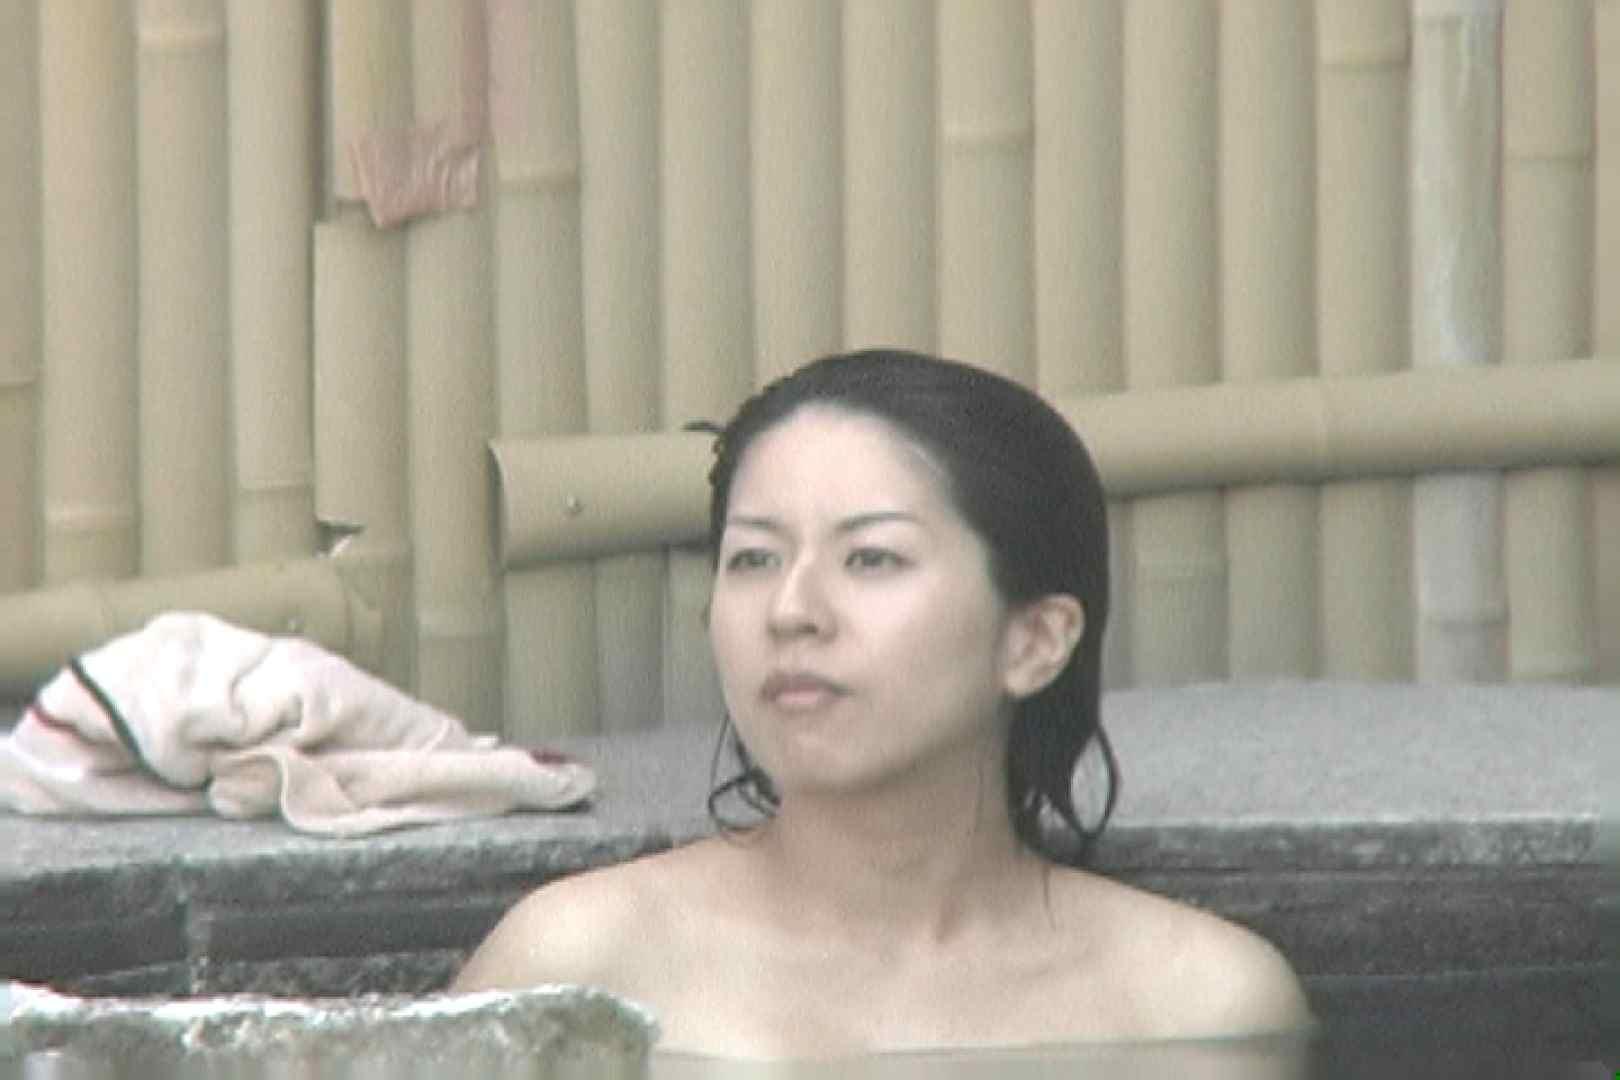 Aquaな露天風呂Vol.694 盗撮  110PICs 3